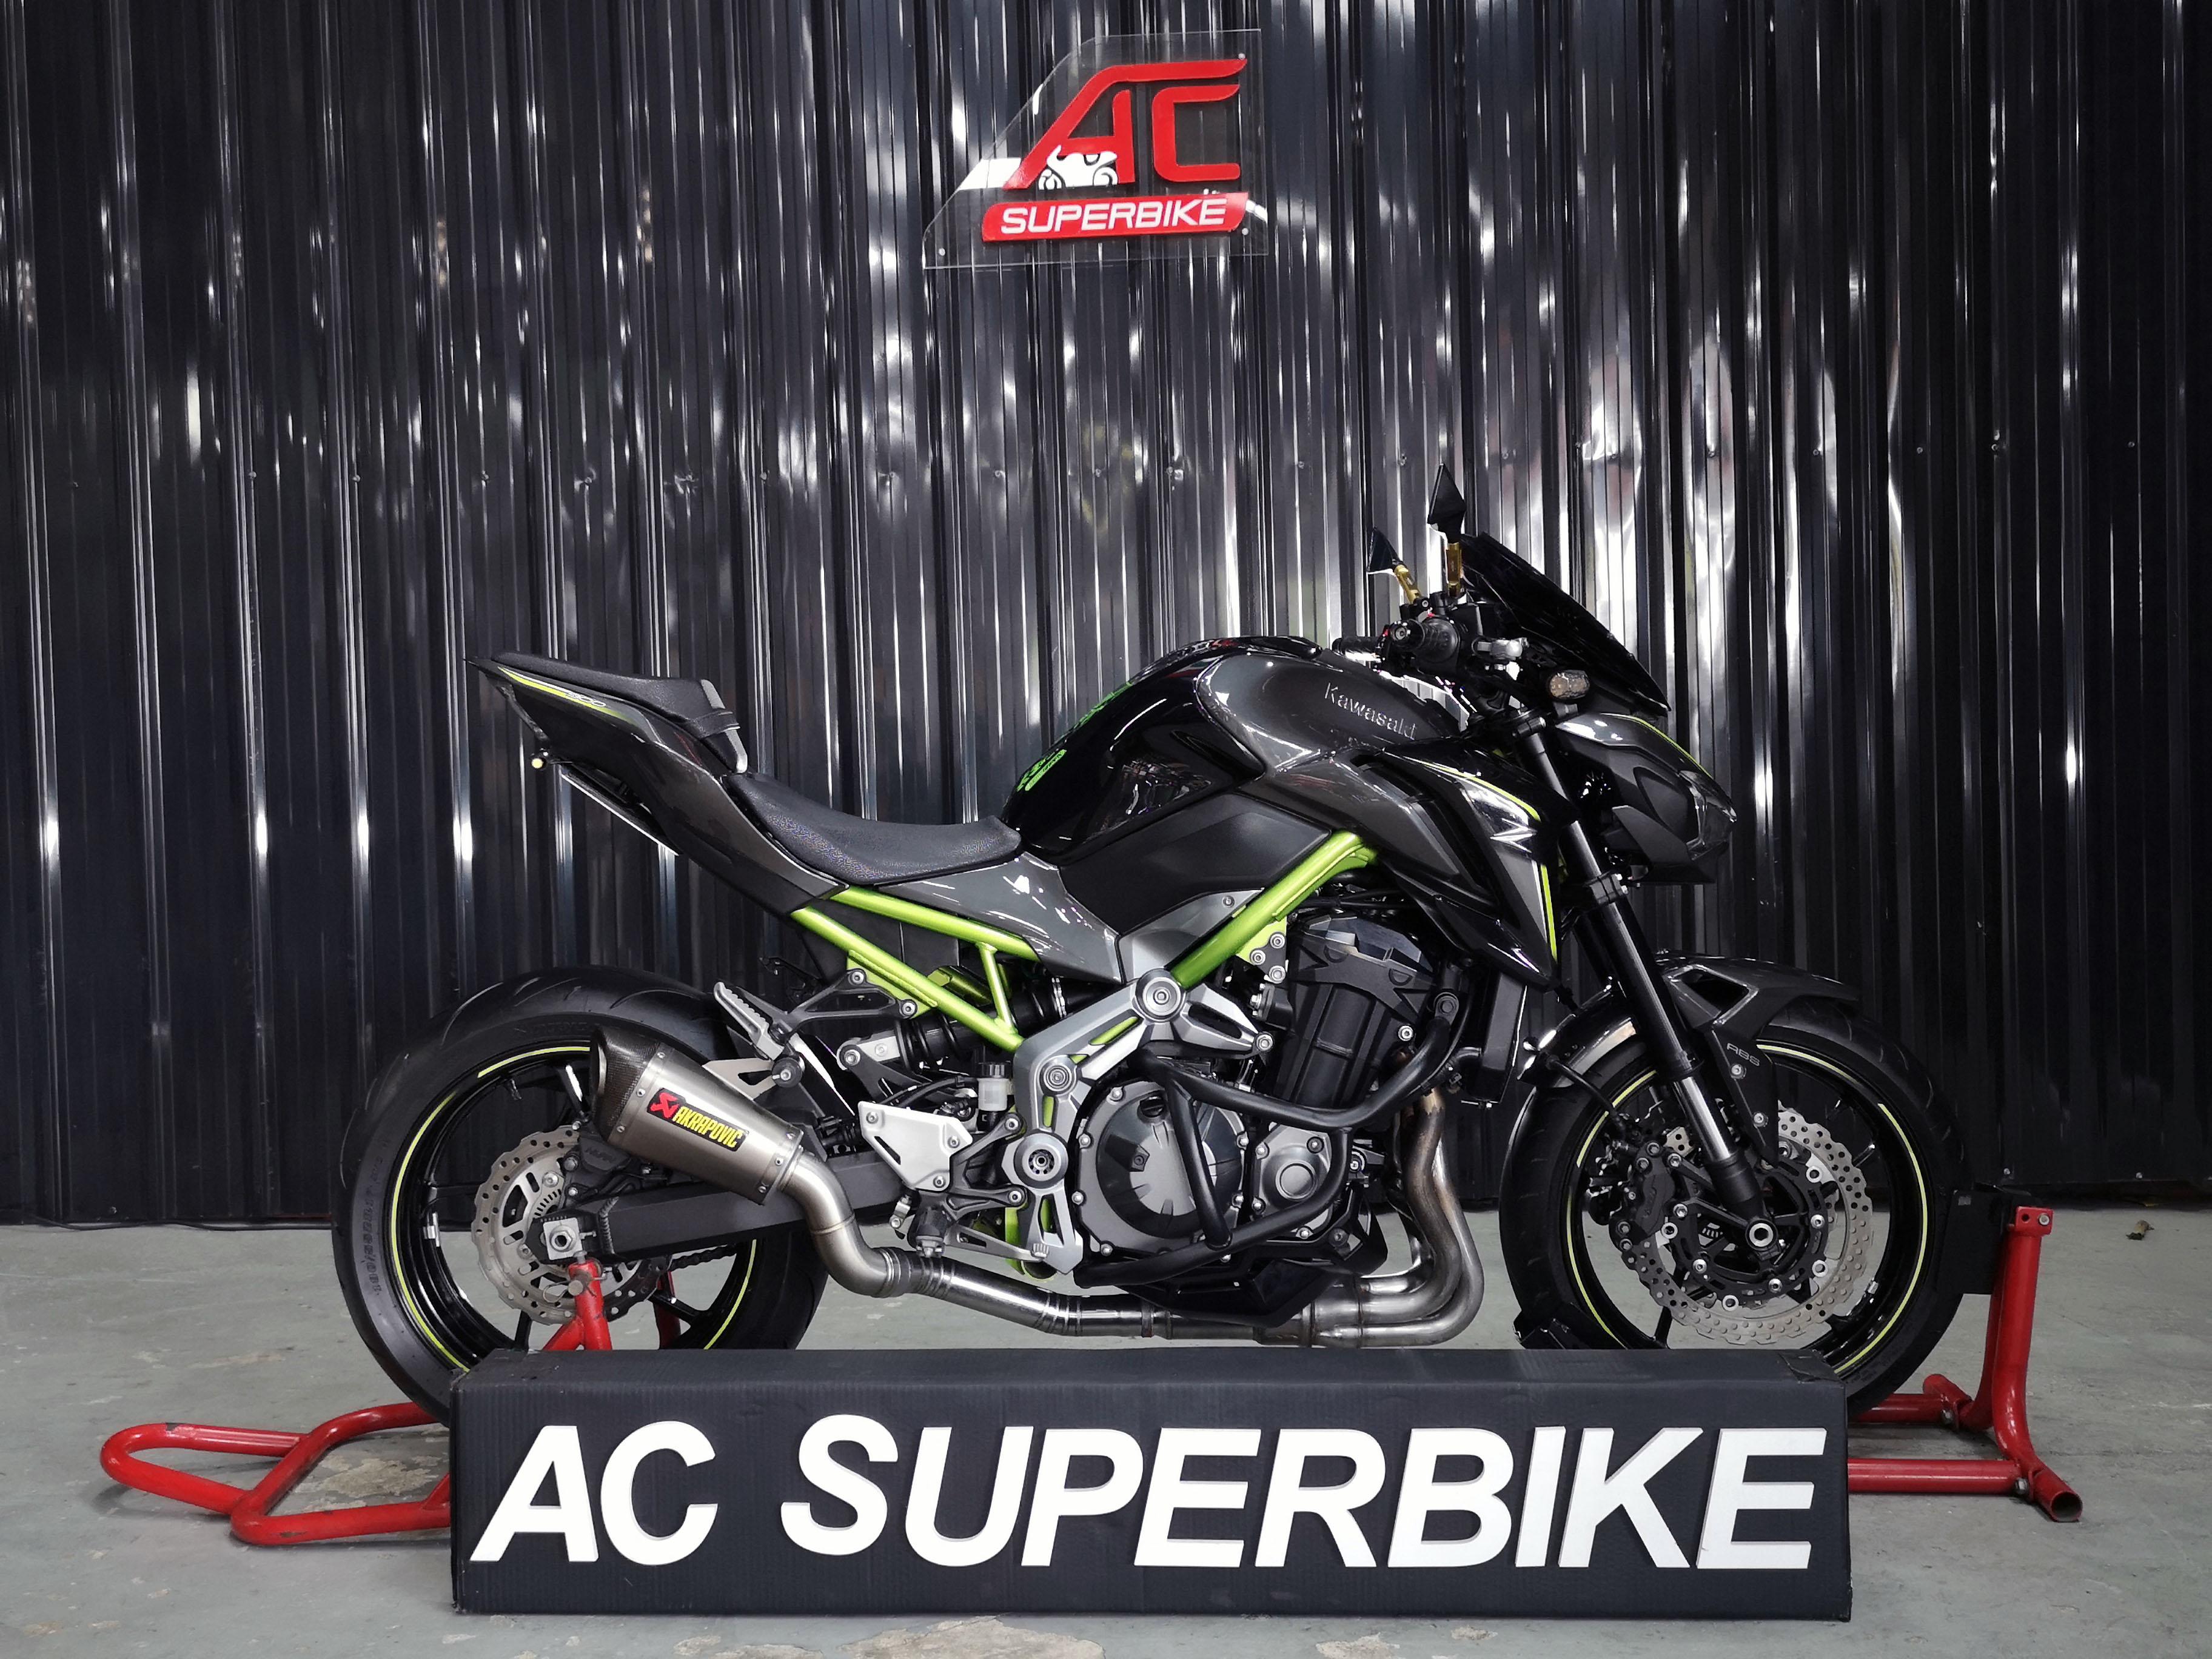 Z900 ABS สีดำ โครงเขียว ปี18 (ปิดการขาย)